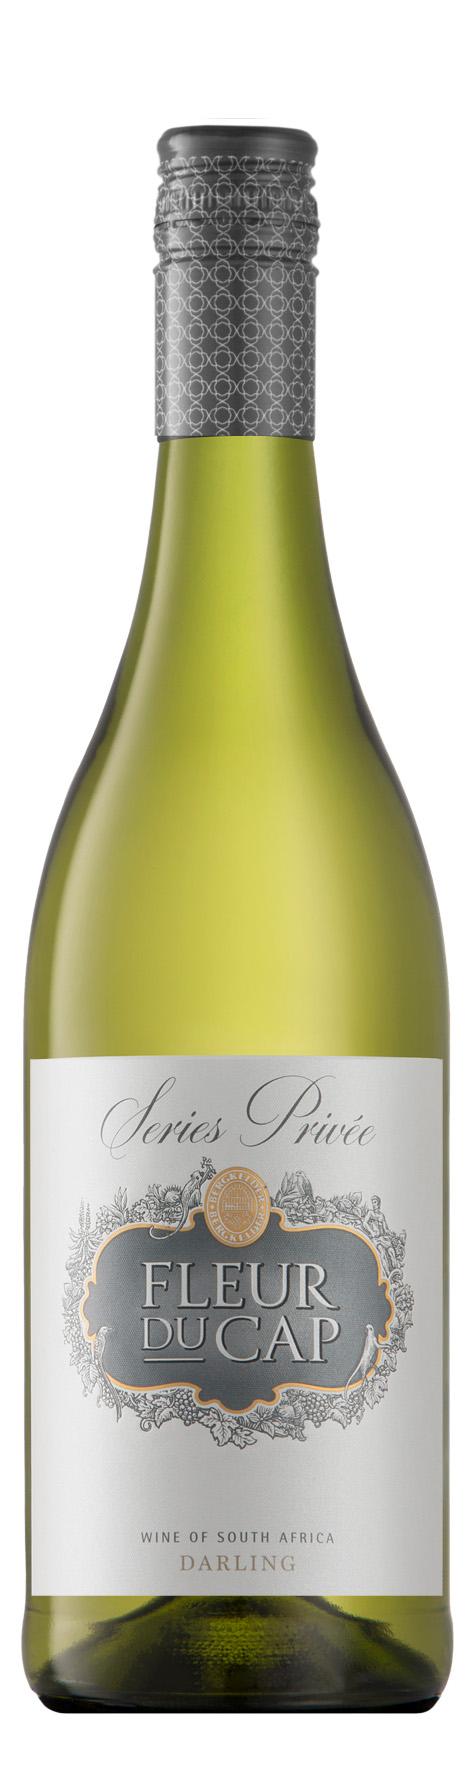 Fleur du Cap Series Privée Chardonnay